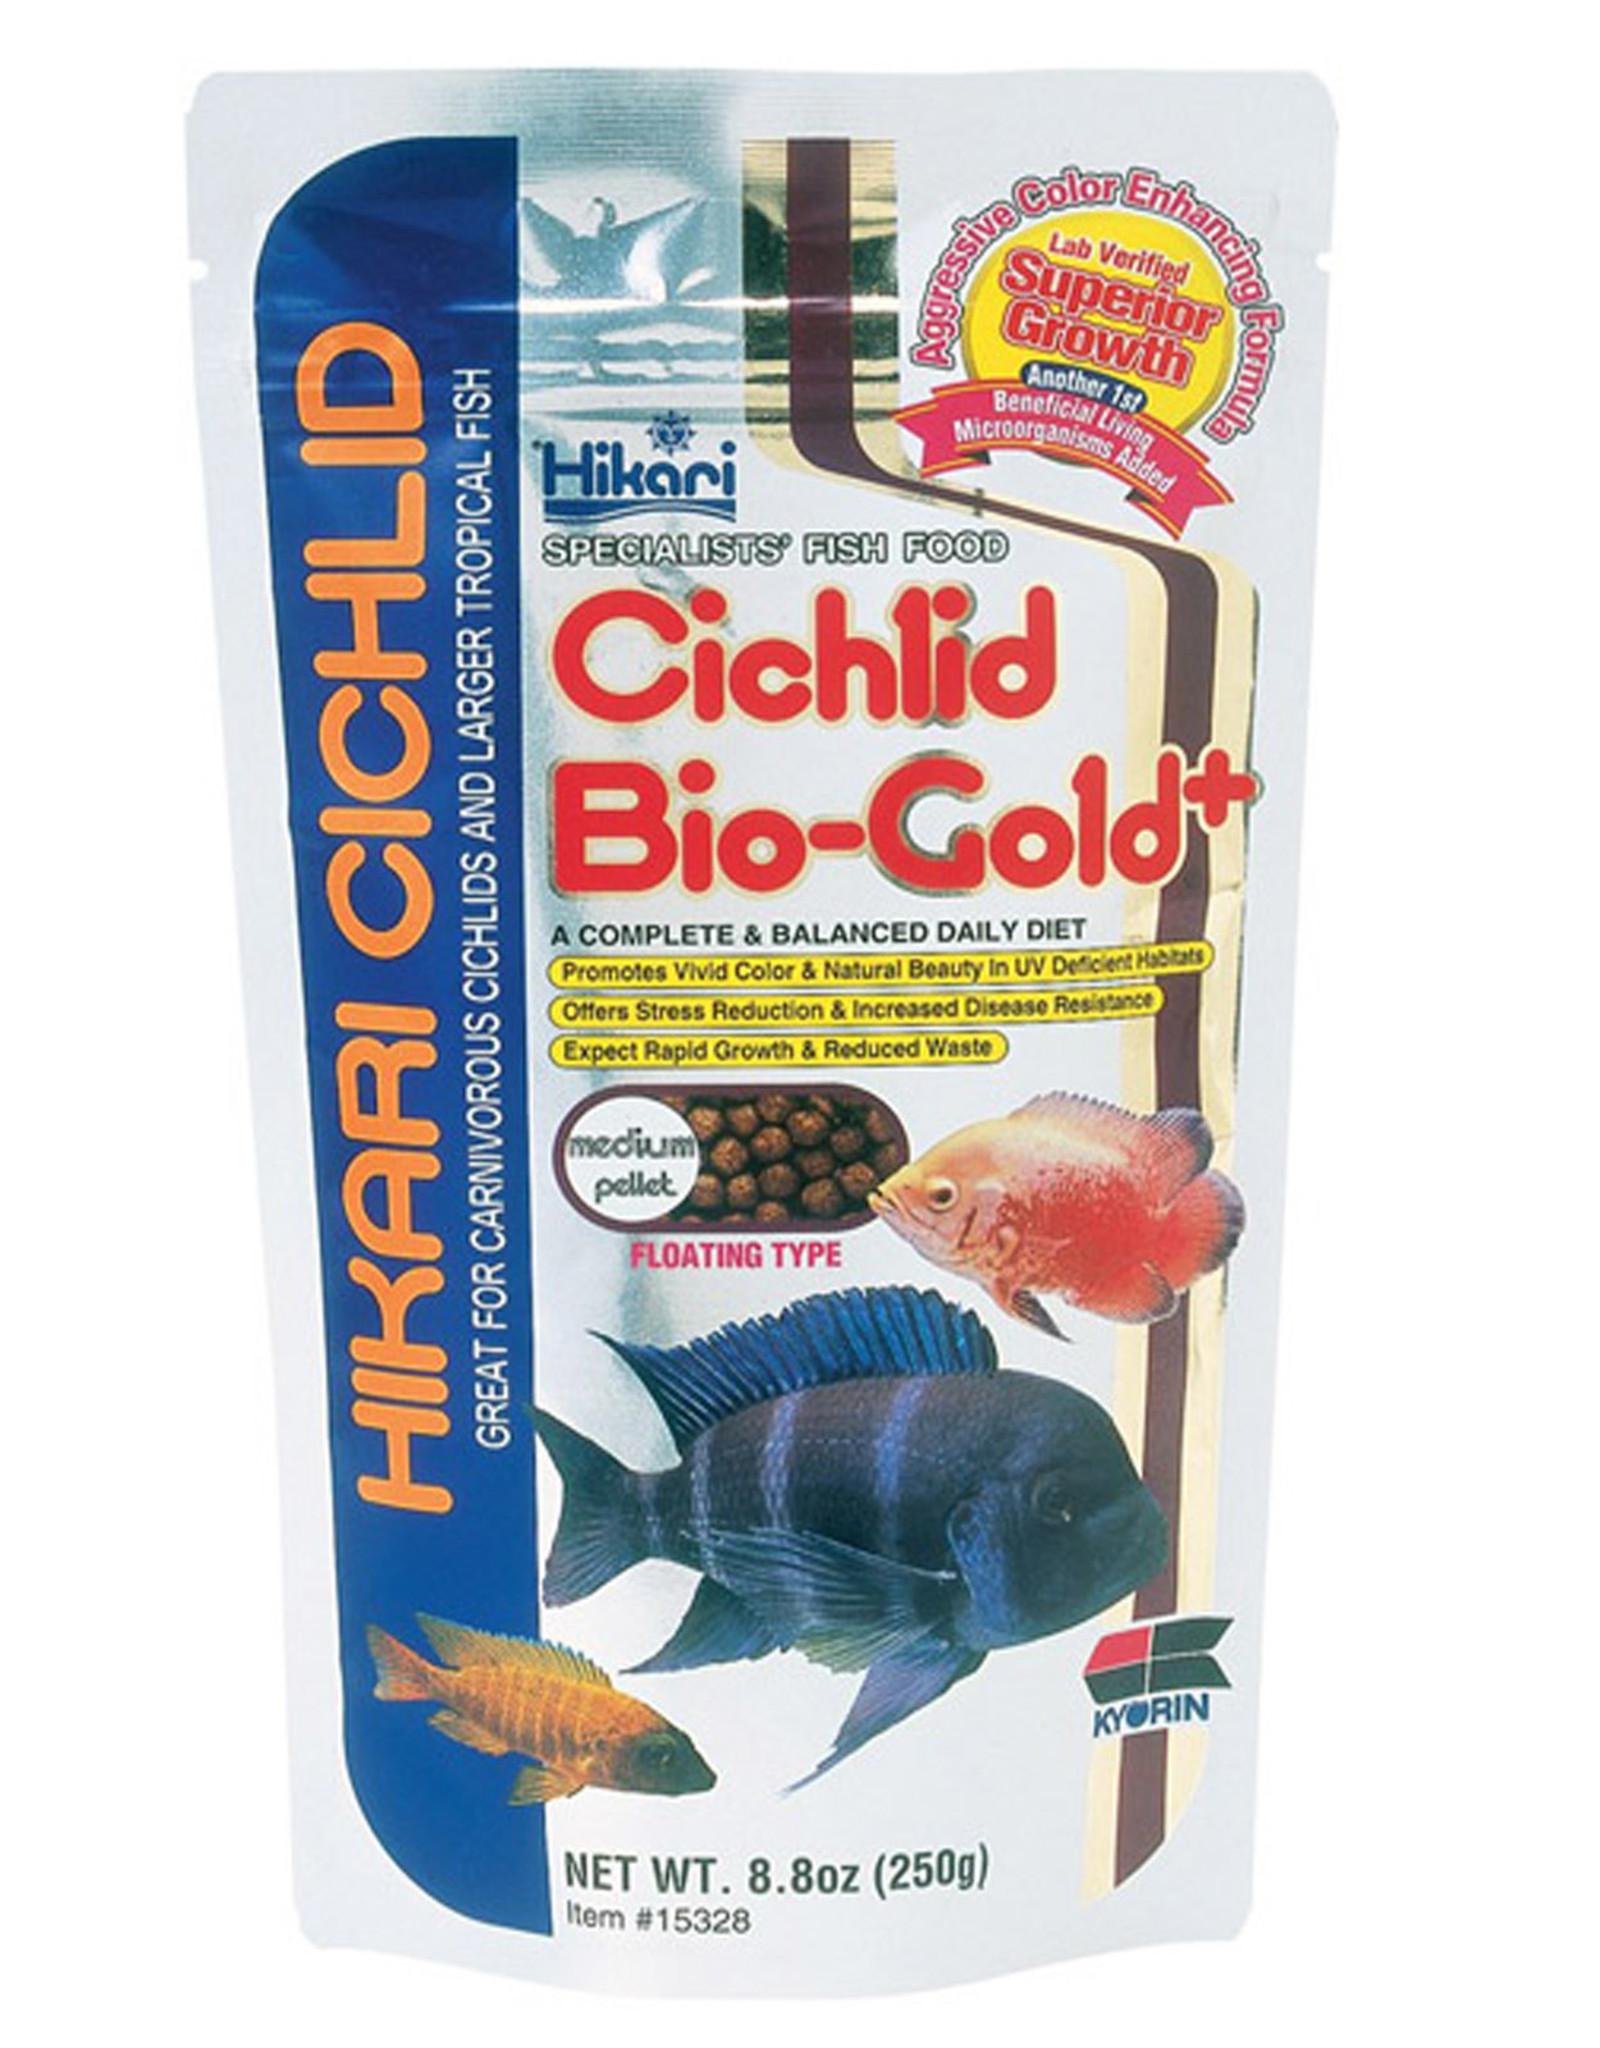 HIKARI USA INC. Hikari Cichid Bio-Gold Med 8.8oz